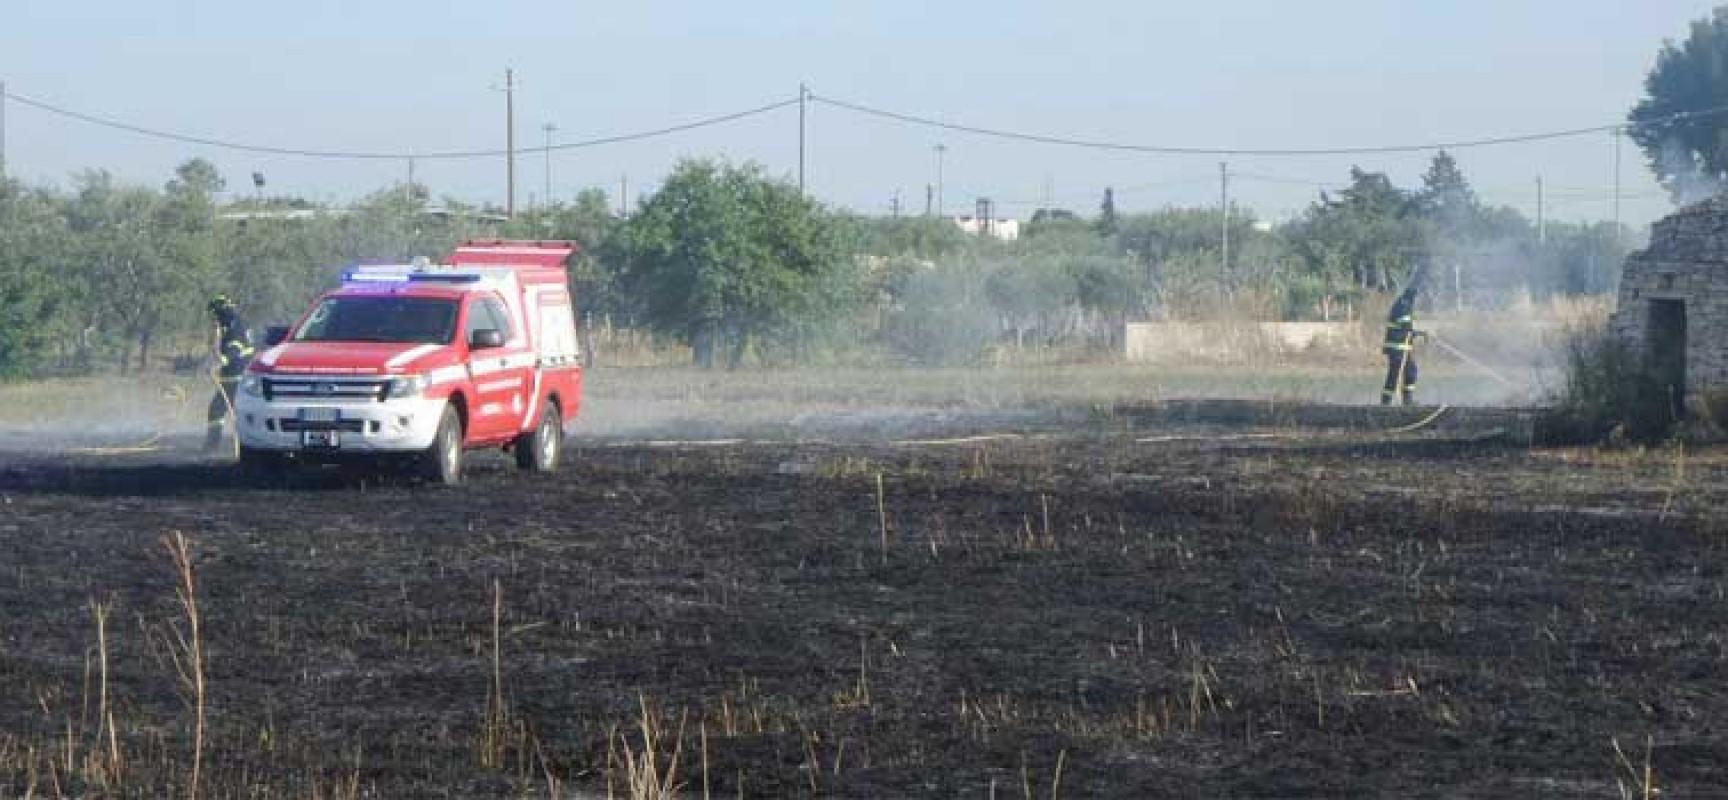 Incendio in un terreno incolto di via vecchia Corato, intervenuti Oer e Polizia municipale